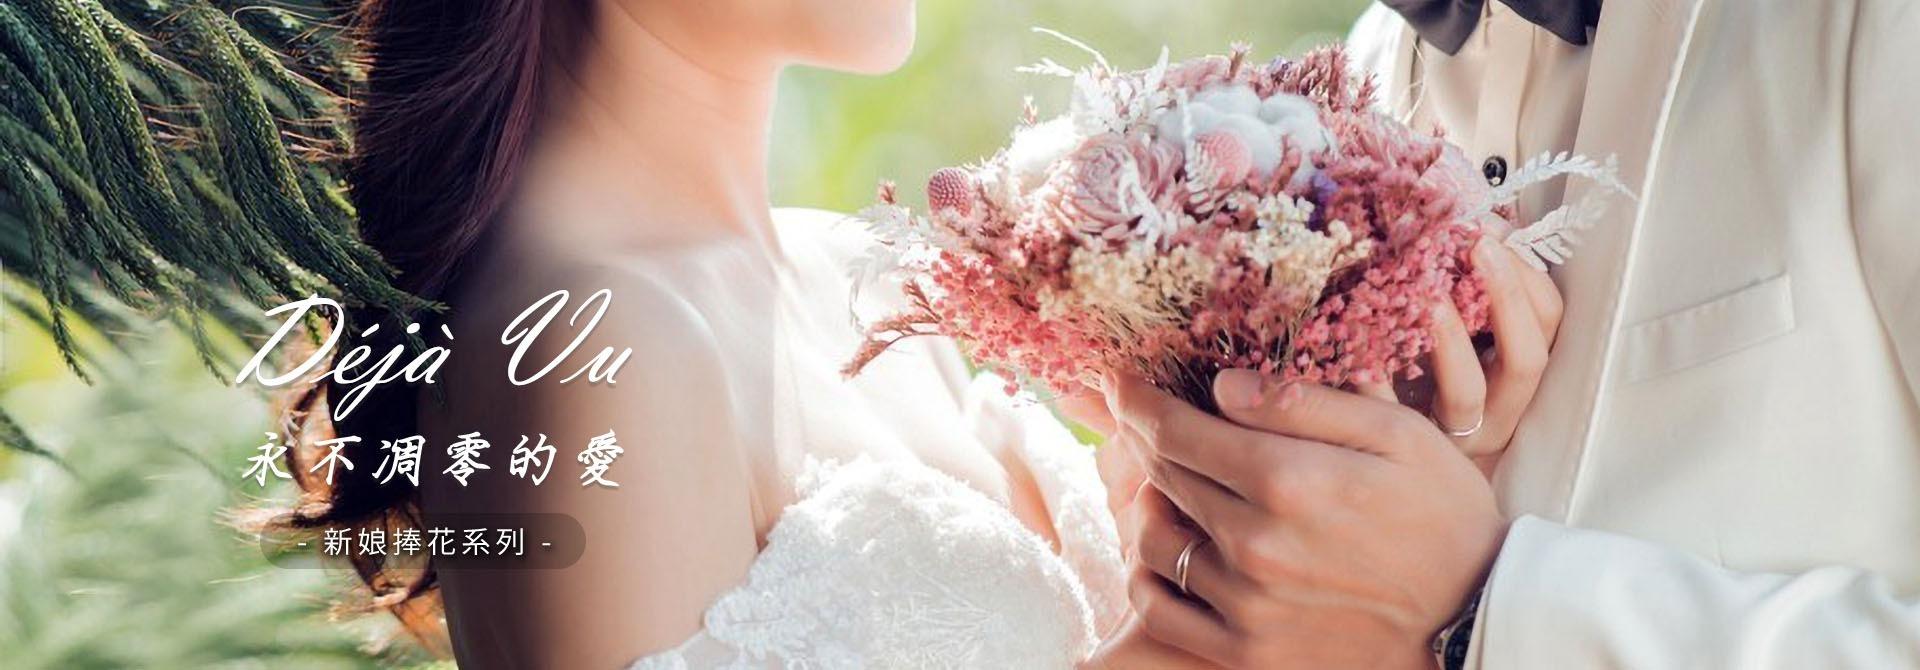 永生卉所 永生花 新娘捧花